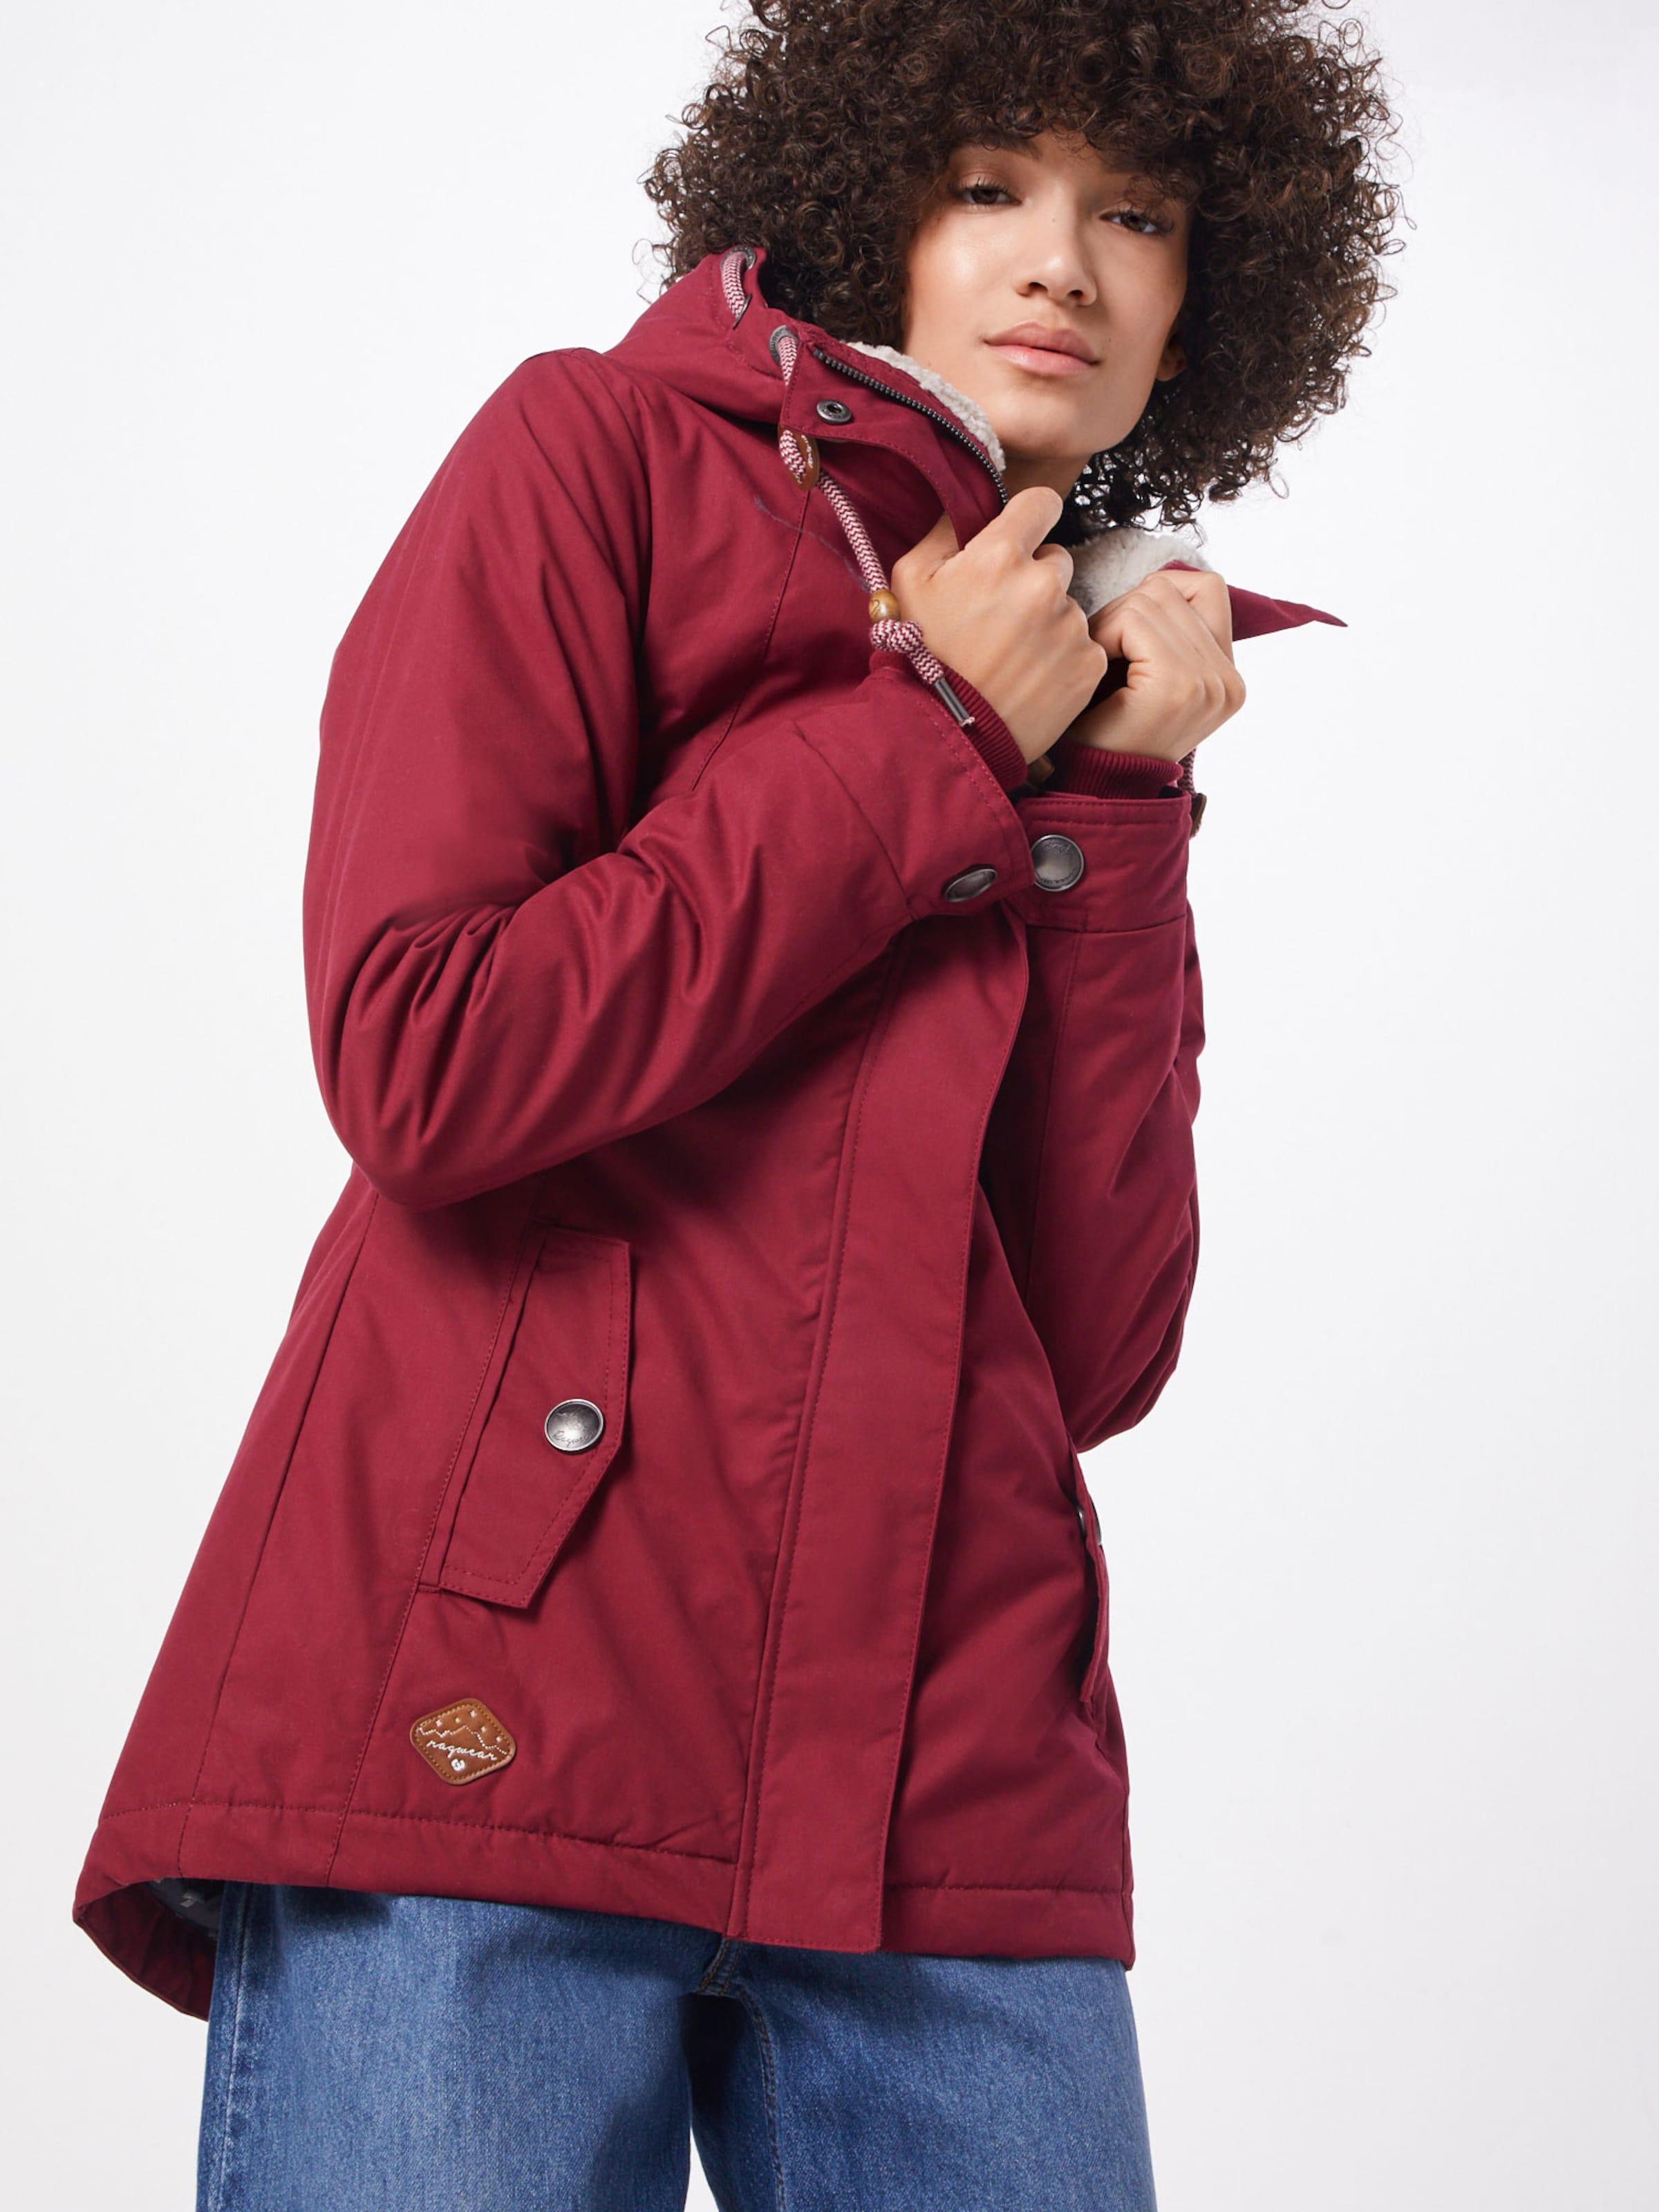 In In Jacke Ragwear Jacke Ragwear Weinrot 'monade' Weinrot 'monade' 1cKlFJ